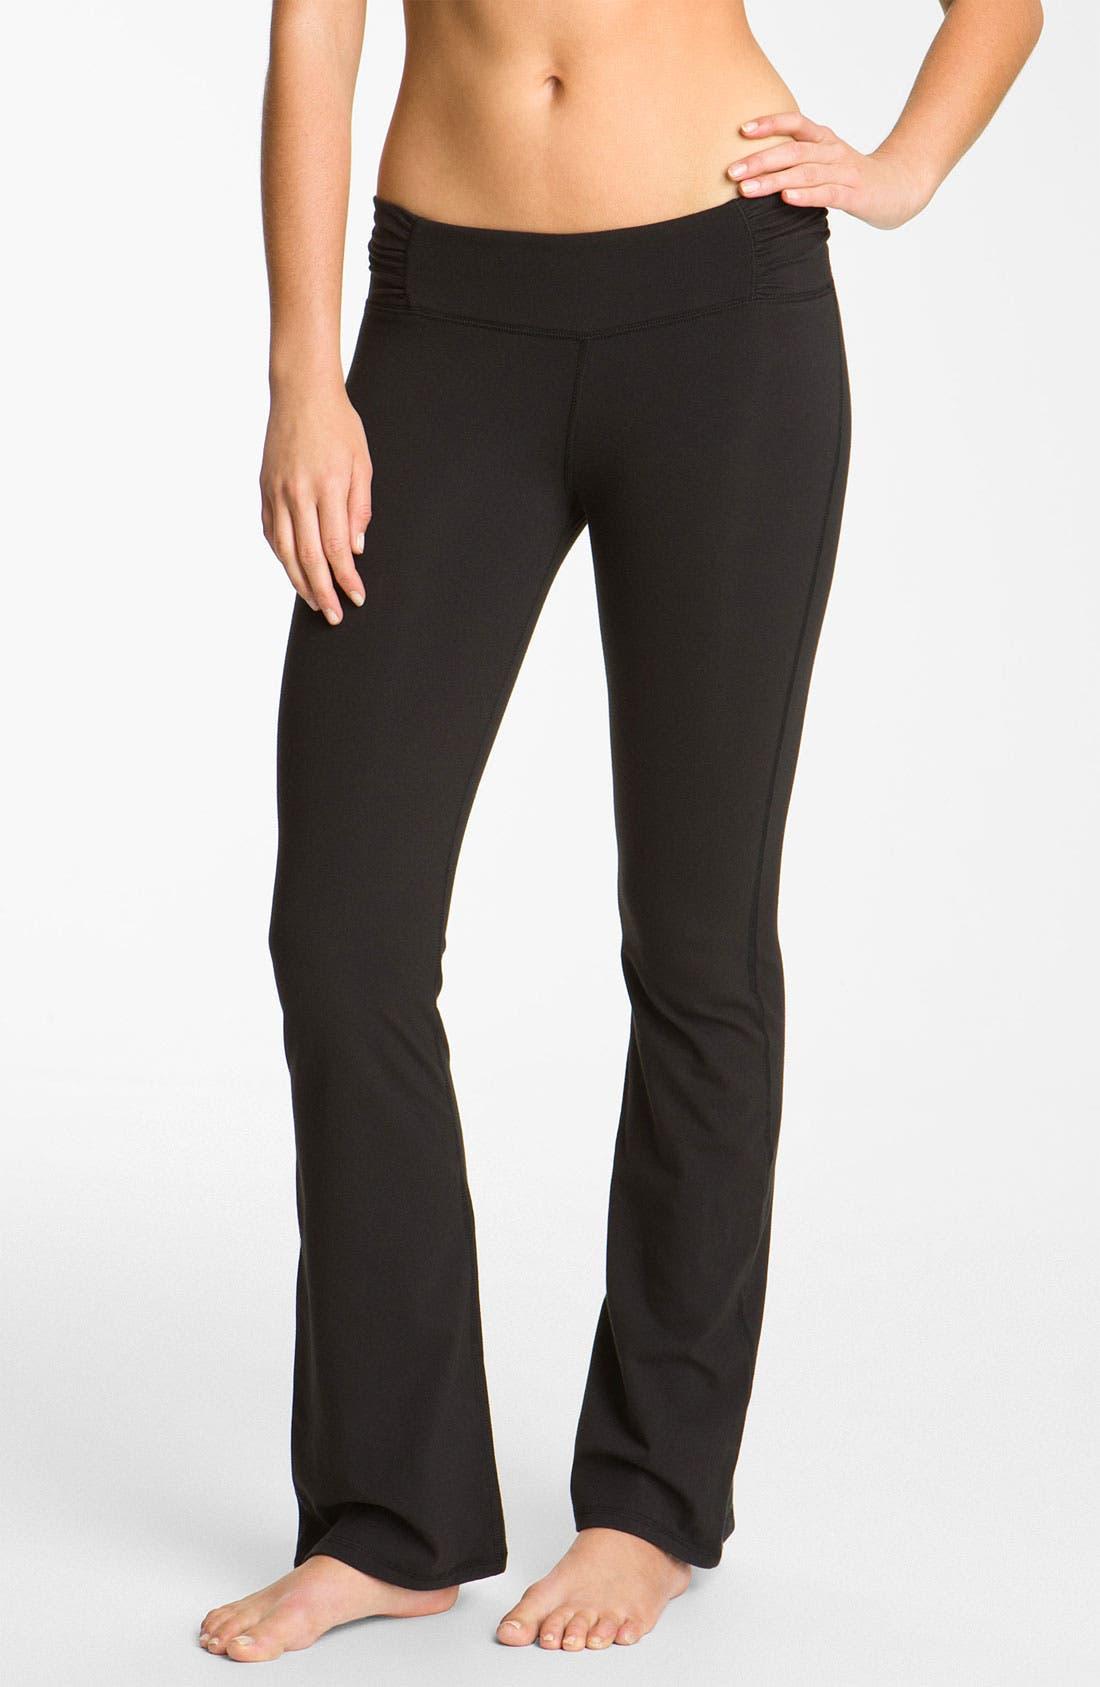 Main Image - Alo 'Asana' Yoga Pants